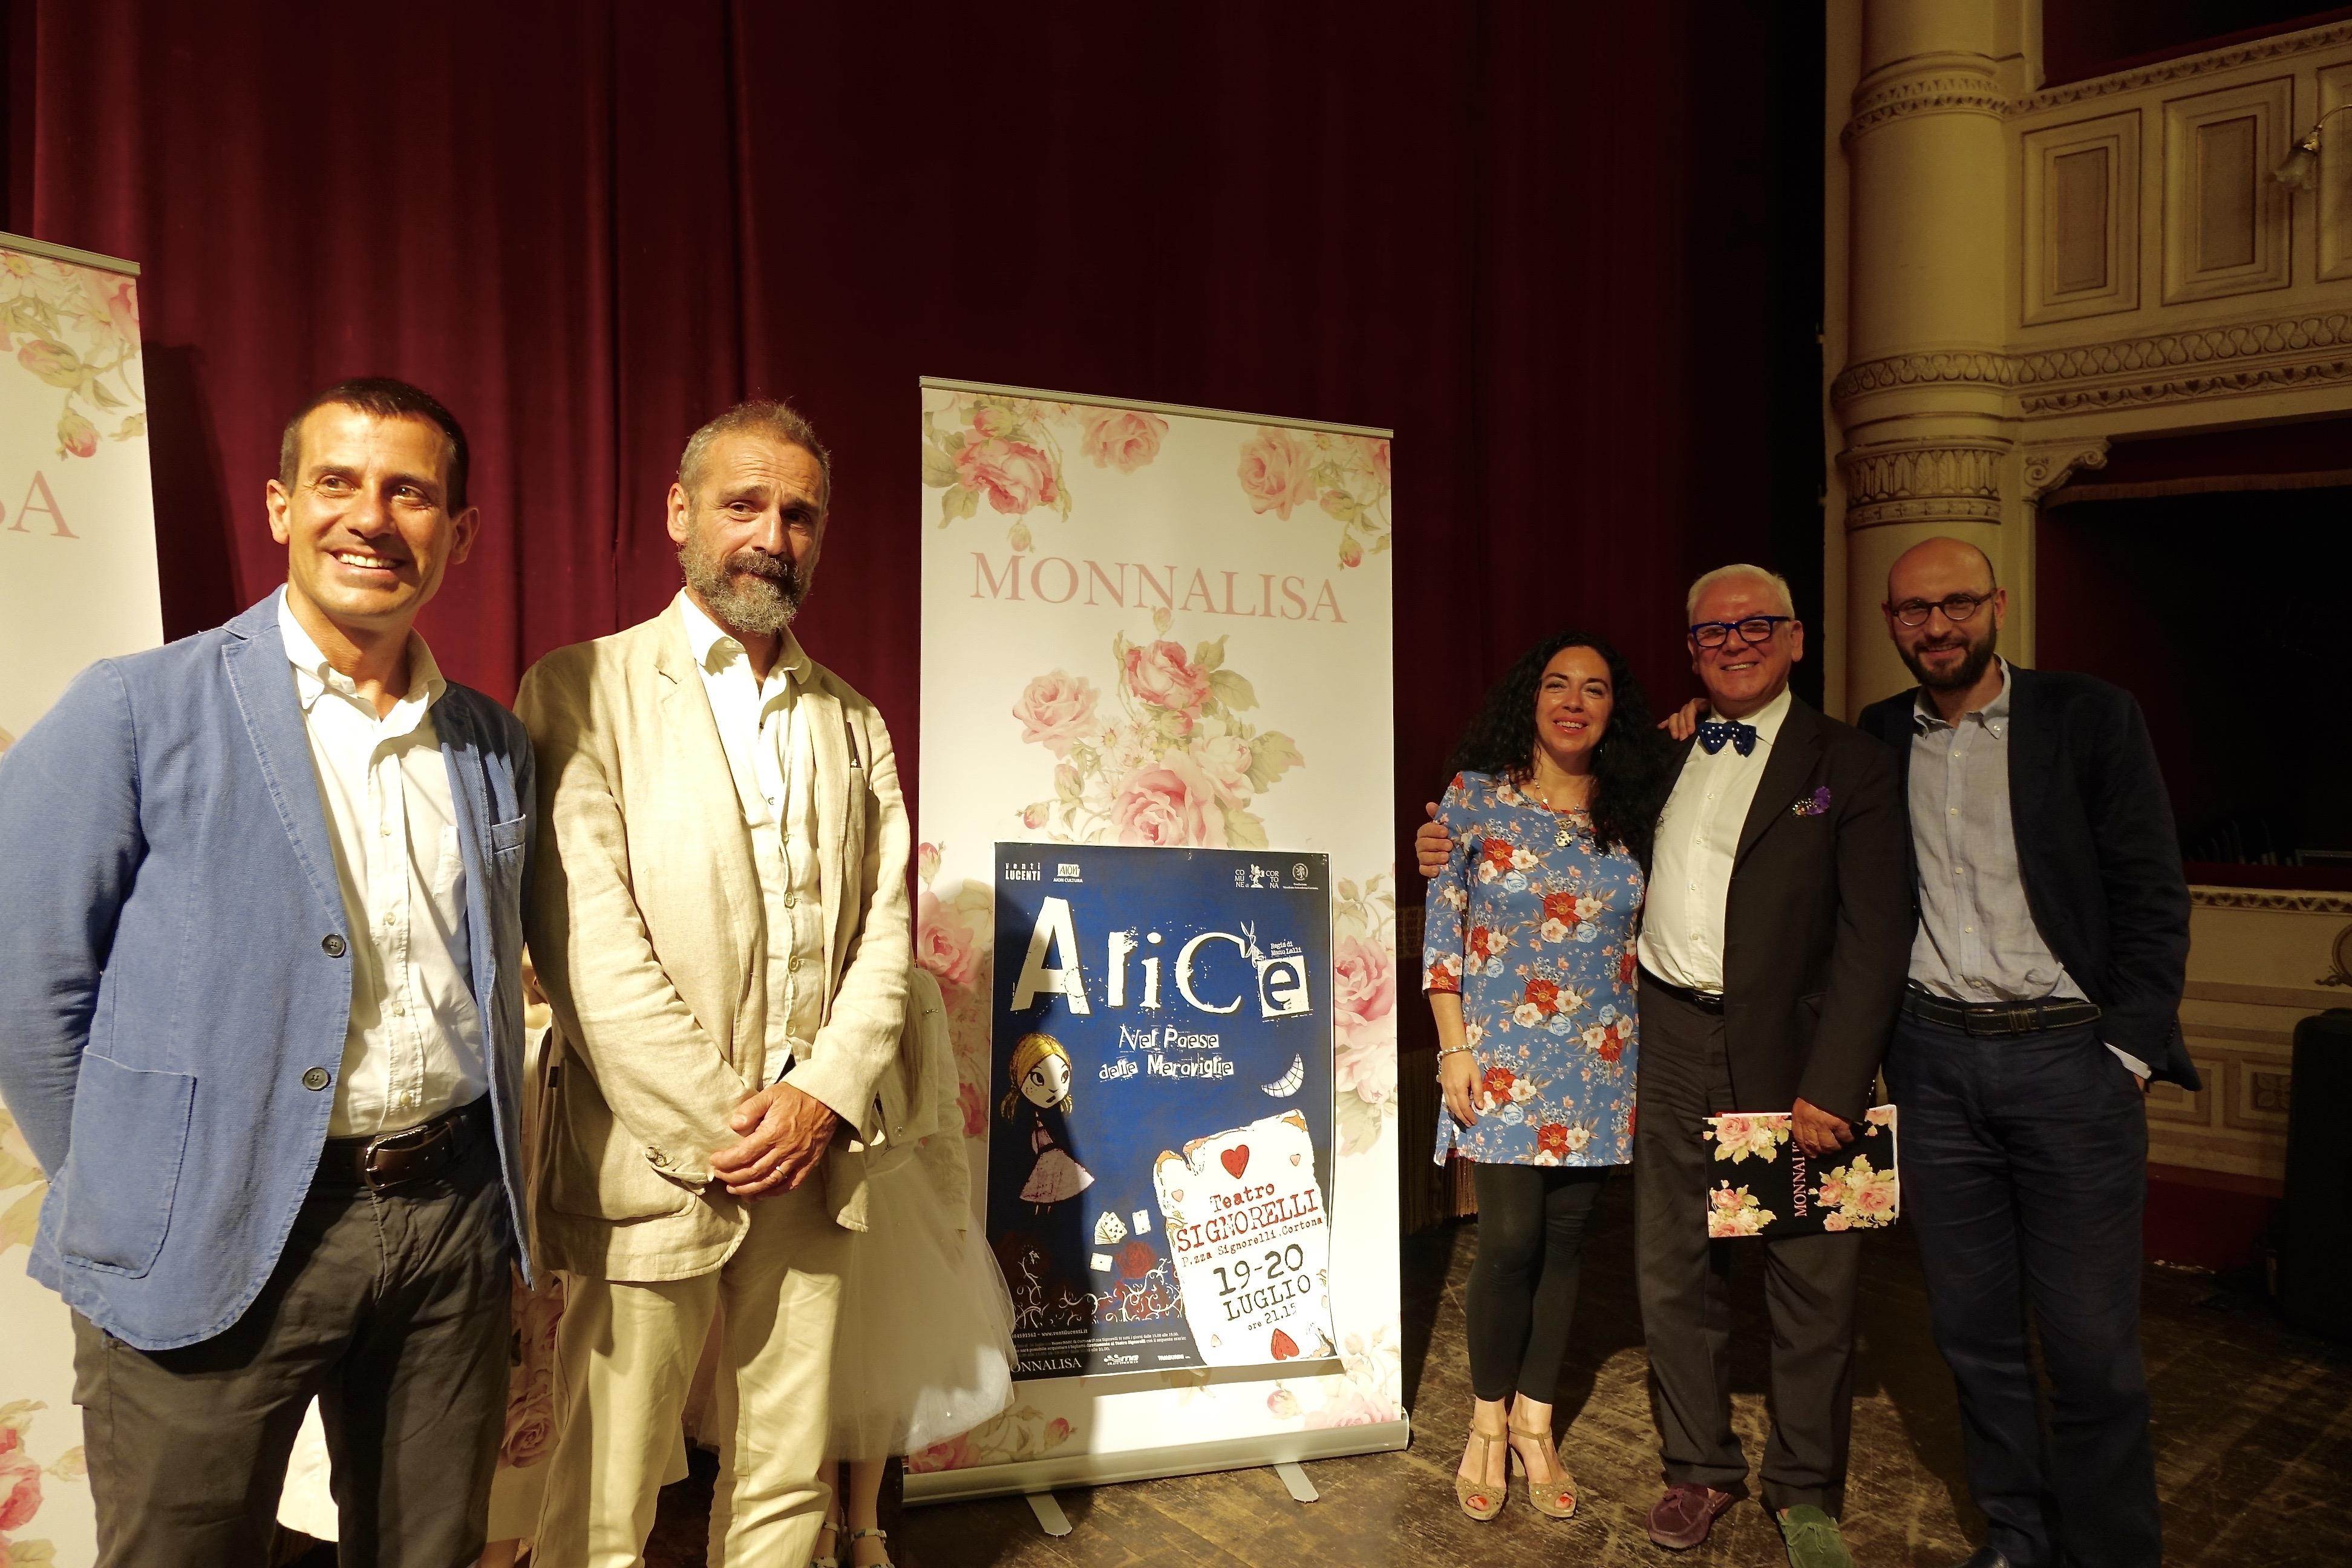 'Alice nel paese delle meraviglie' in scena al Signorelli, protagonisti i giovani cortonesi